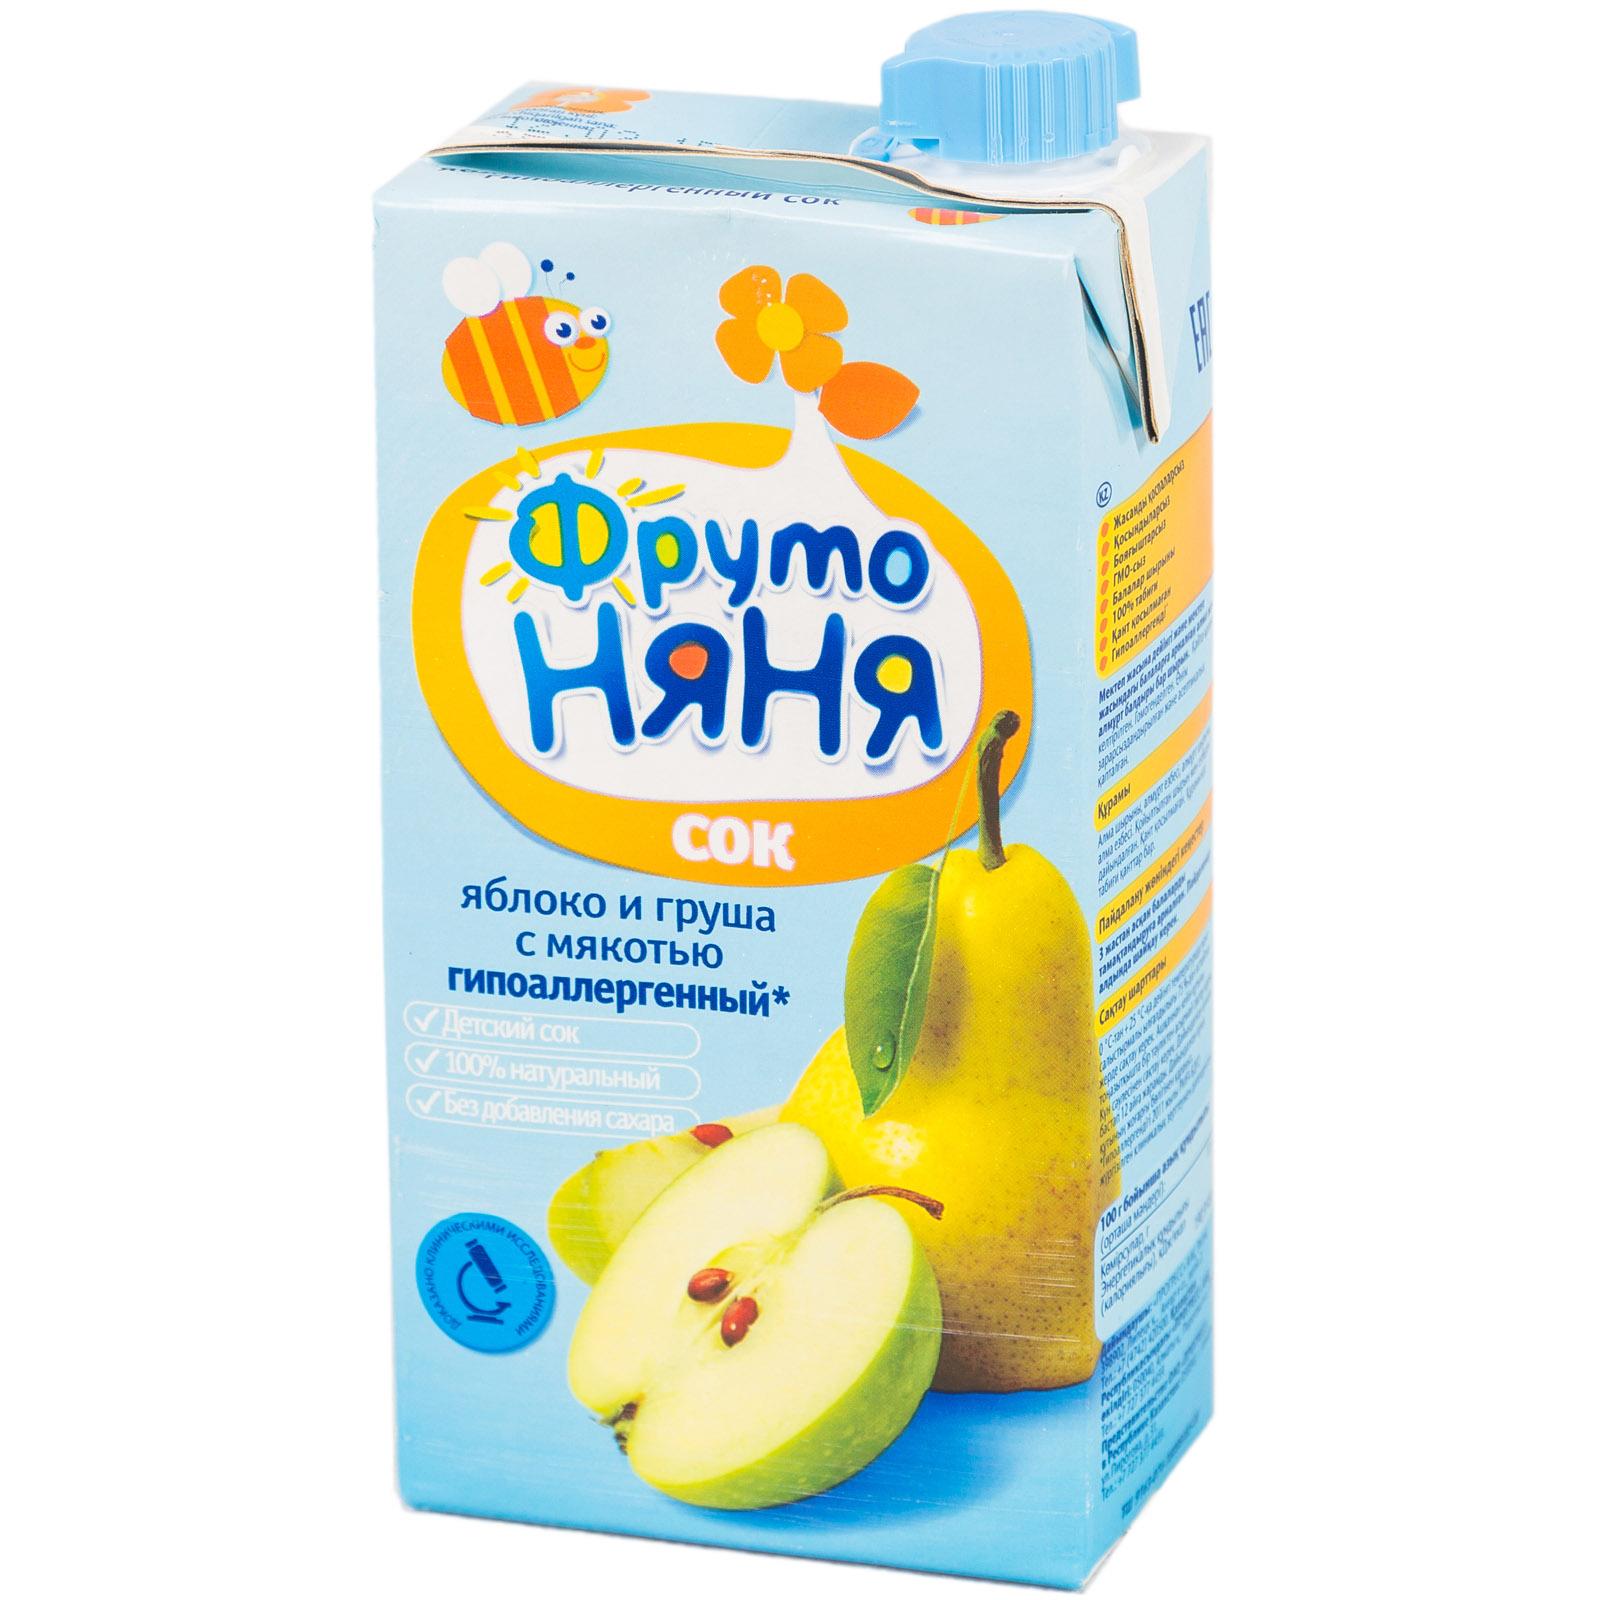 Сок Фрутоняня 500 мл Яблочно-грушевый с мякотью (с 3 лет)<br>